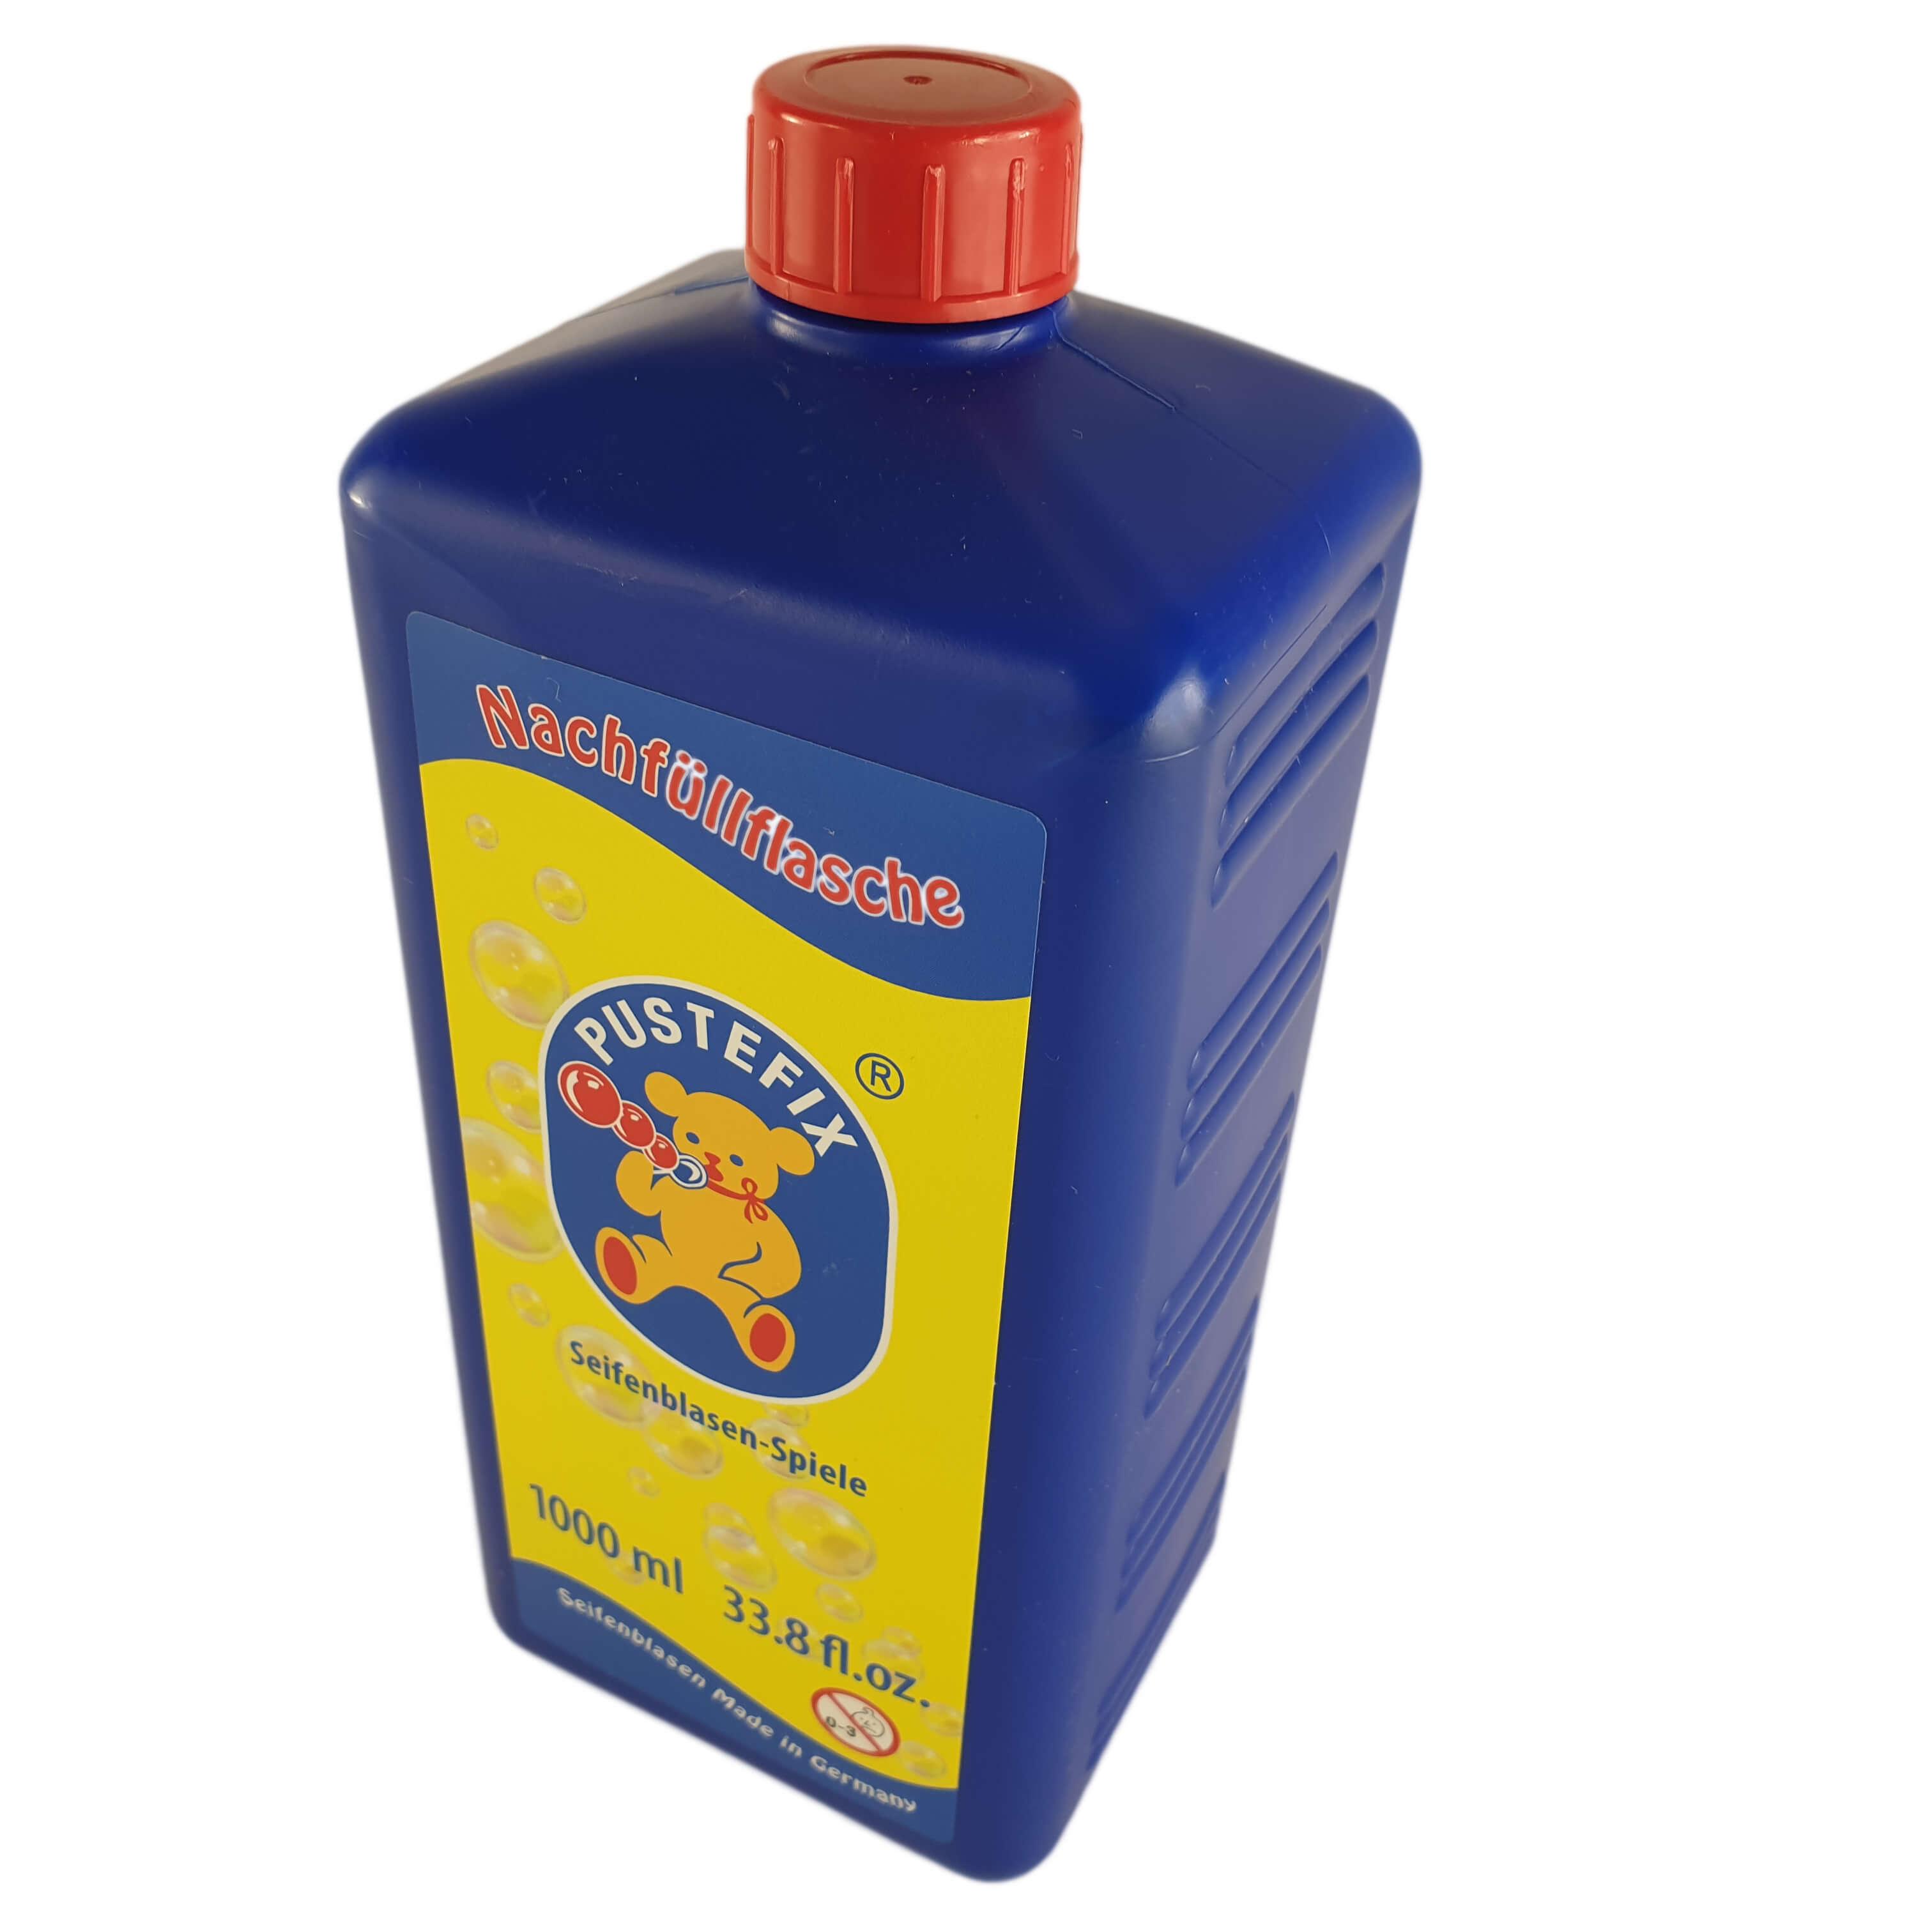 Seifenblasenfluid für die Seifenblasenmaschine.